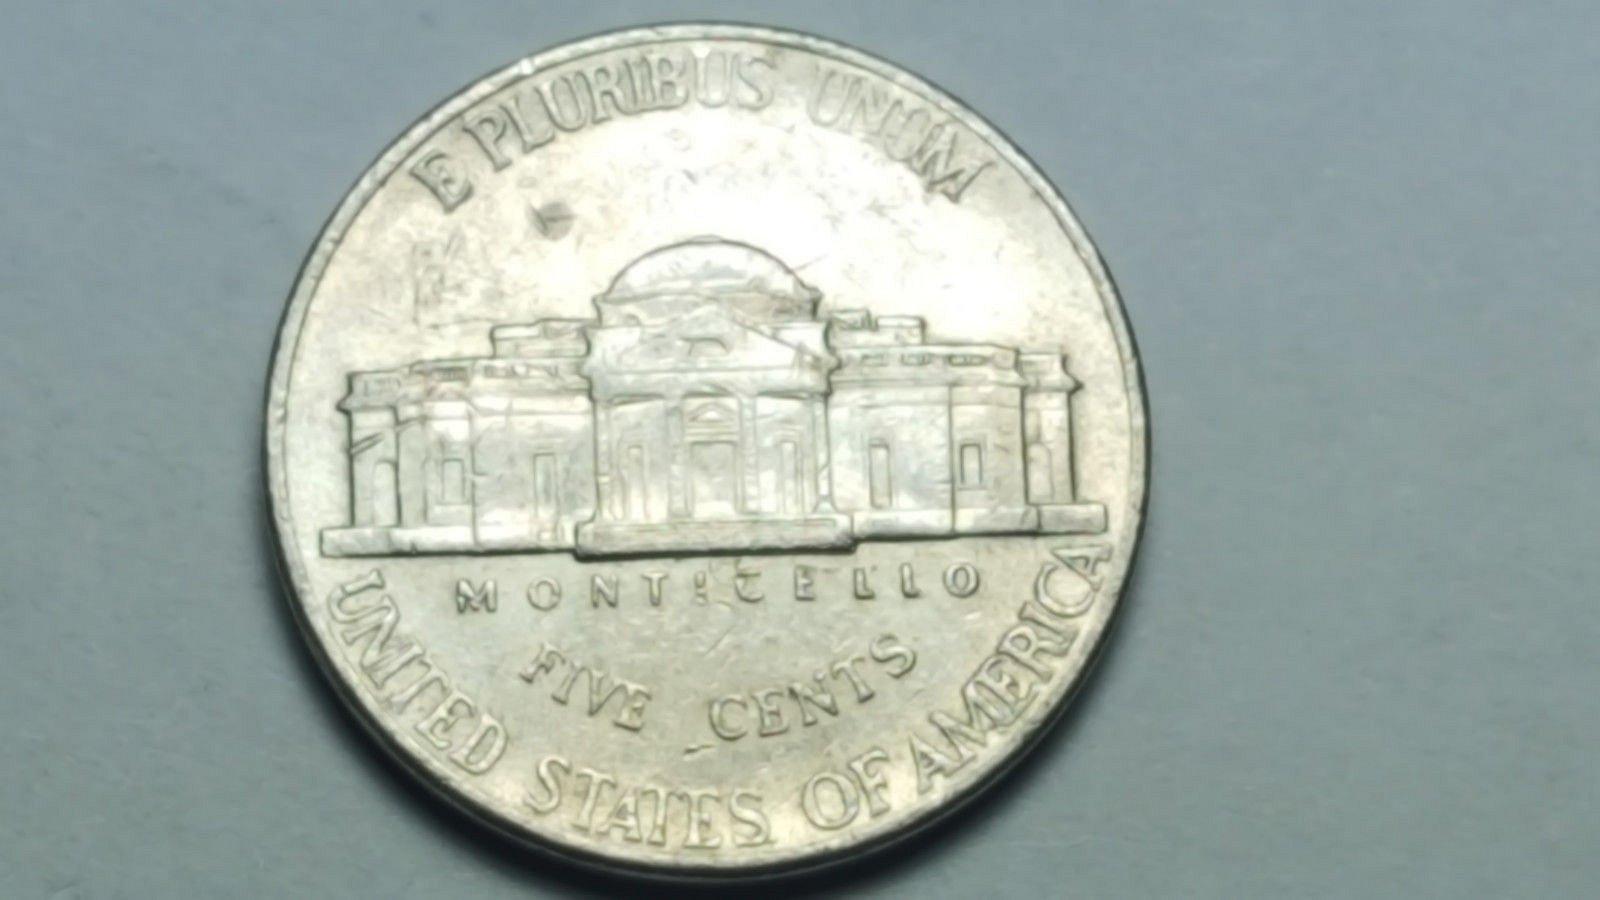 2001 D Jefferson Nickel Obverse & Reverse Double Die Mint Error EF